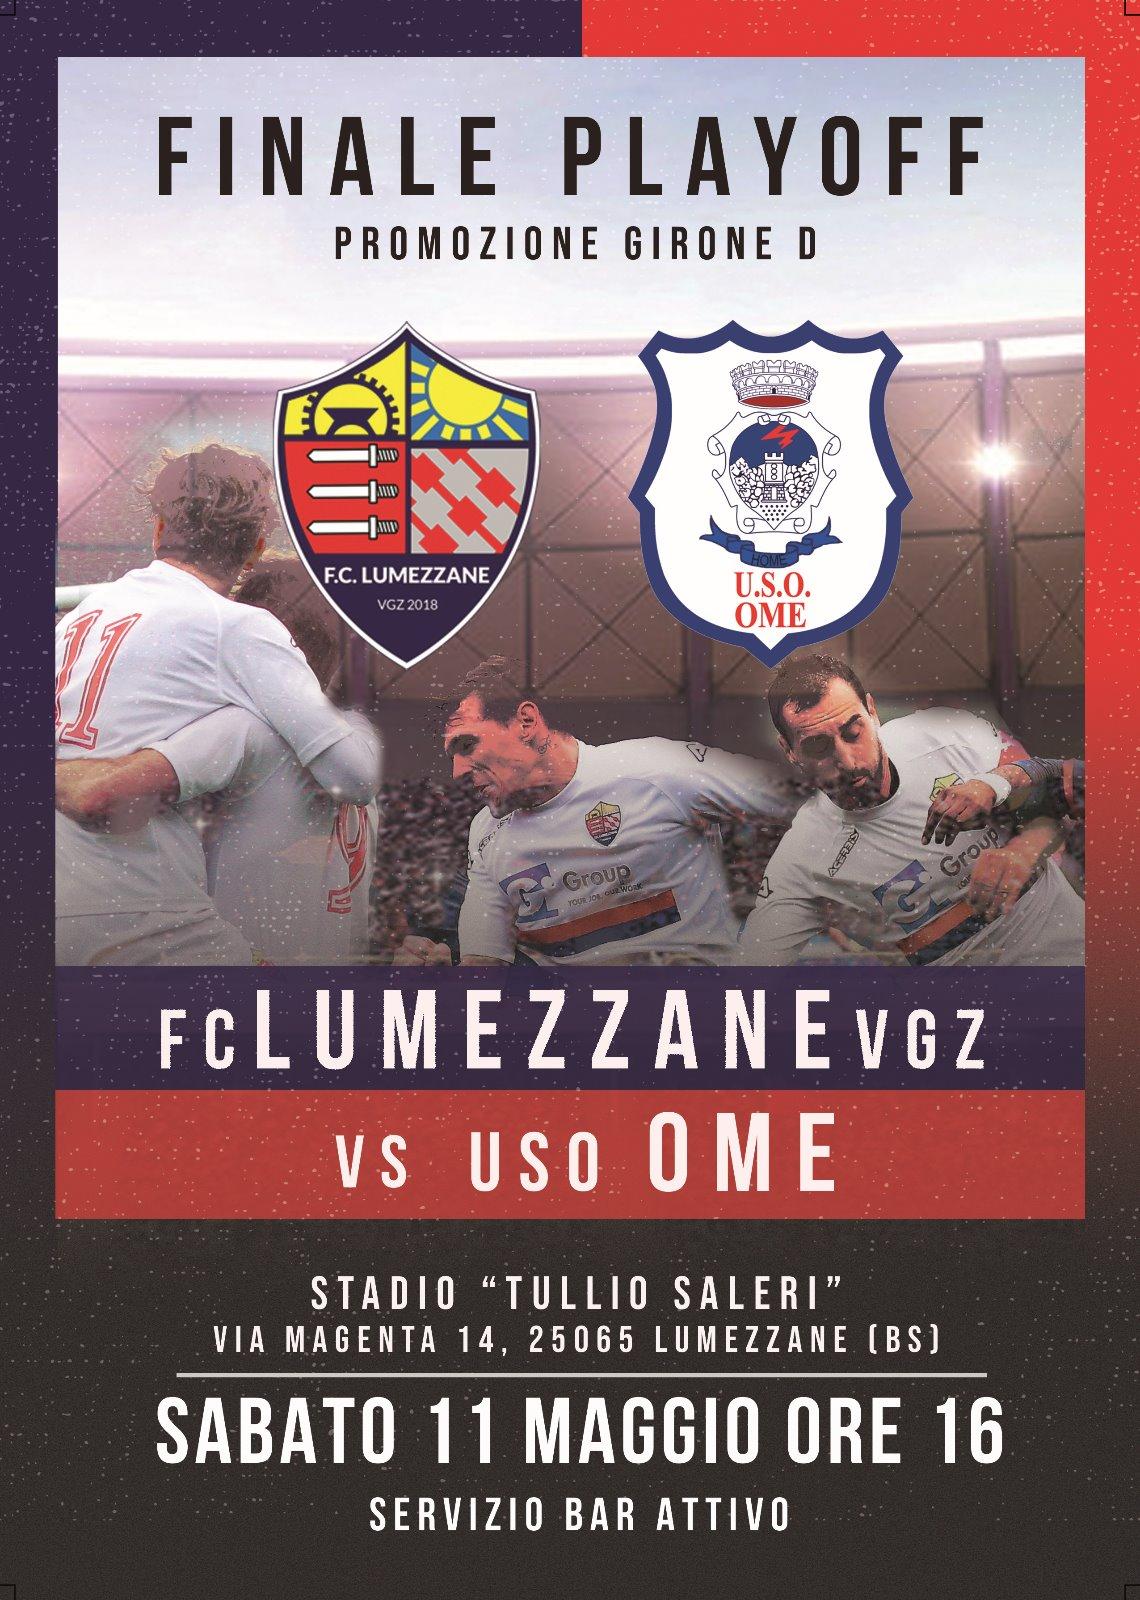 Finale Playoff | Fc Lumezzane Vgz VS Uso OME